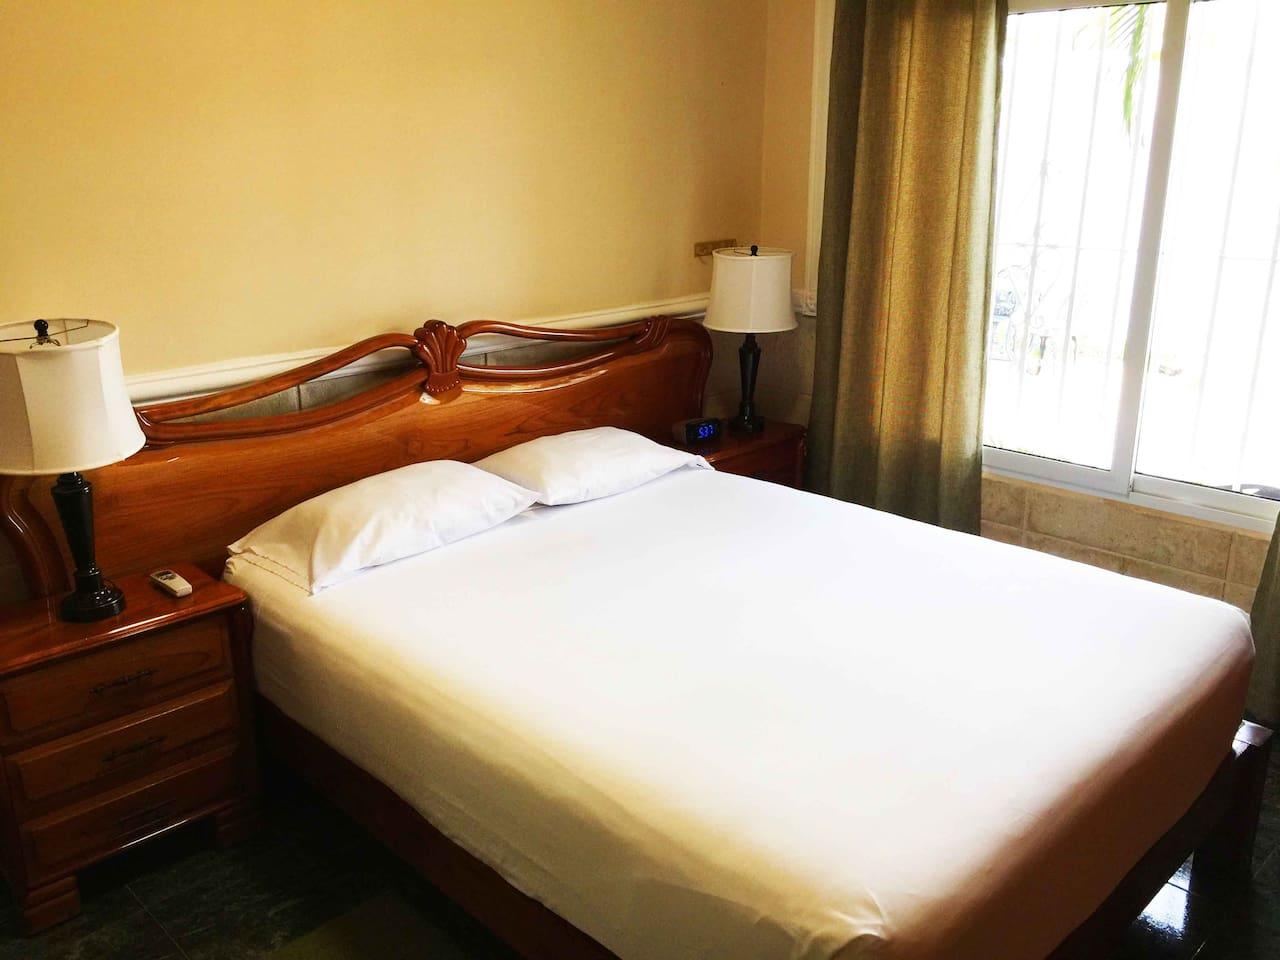 hostal colina room 1 casa particulars cuba for rent in varadero